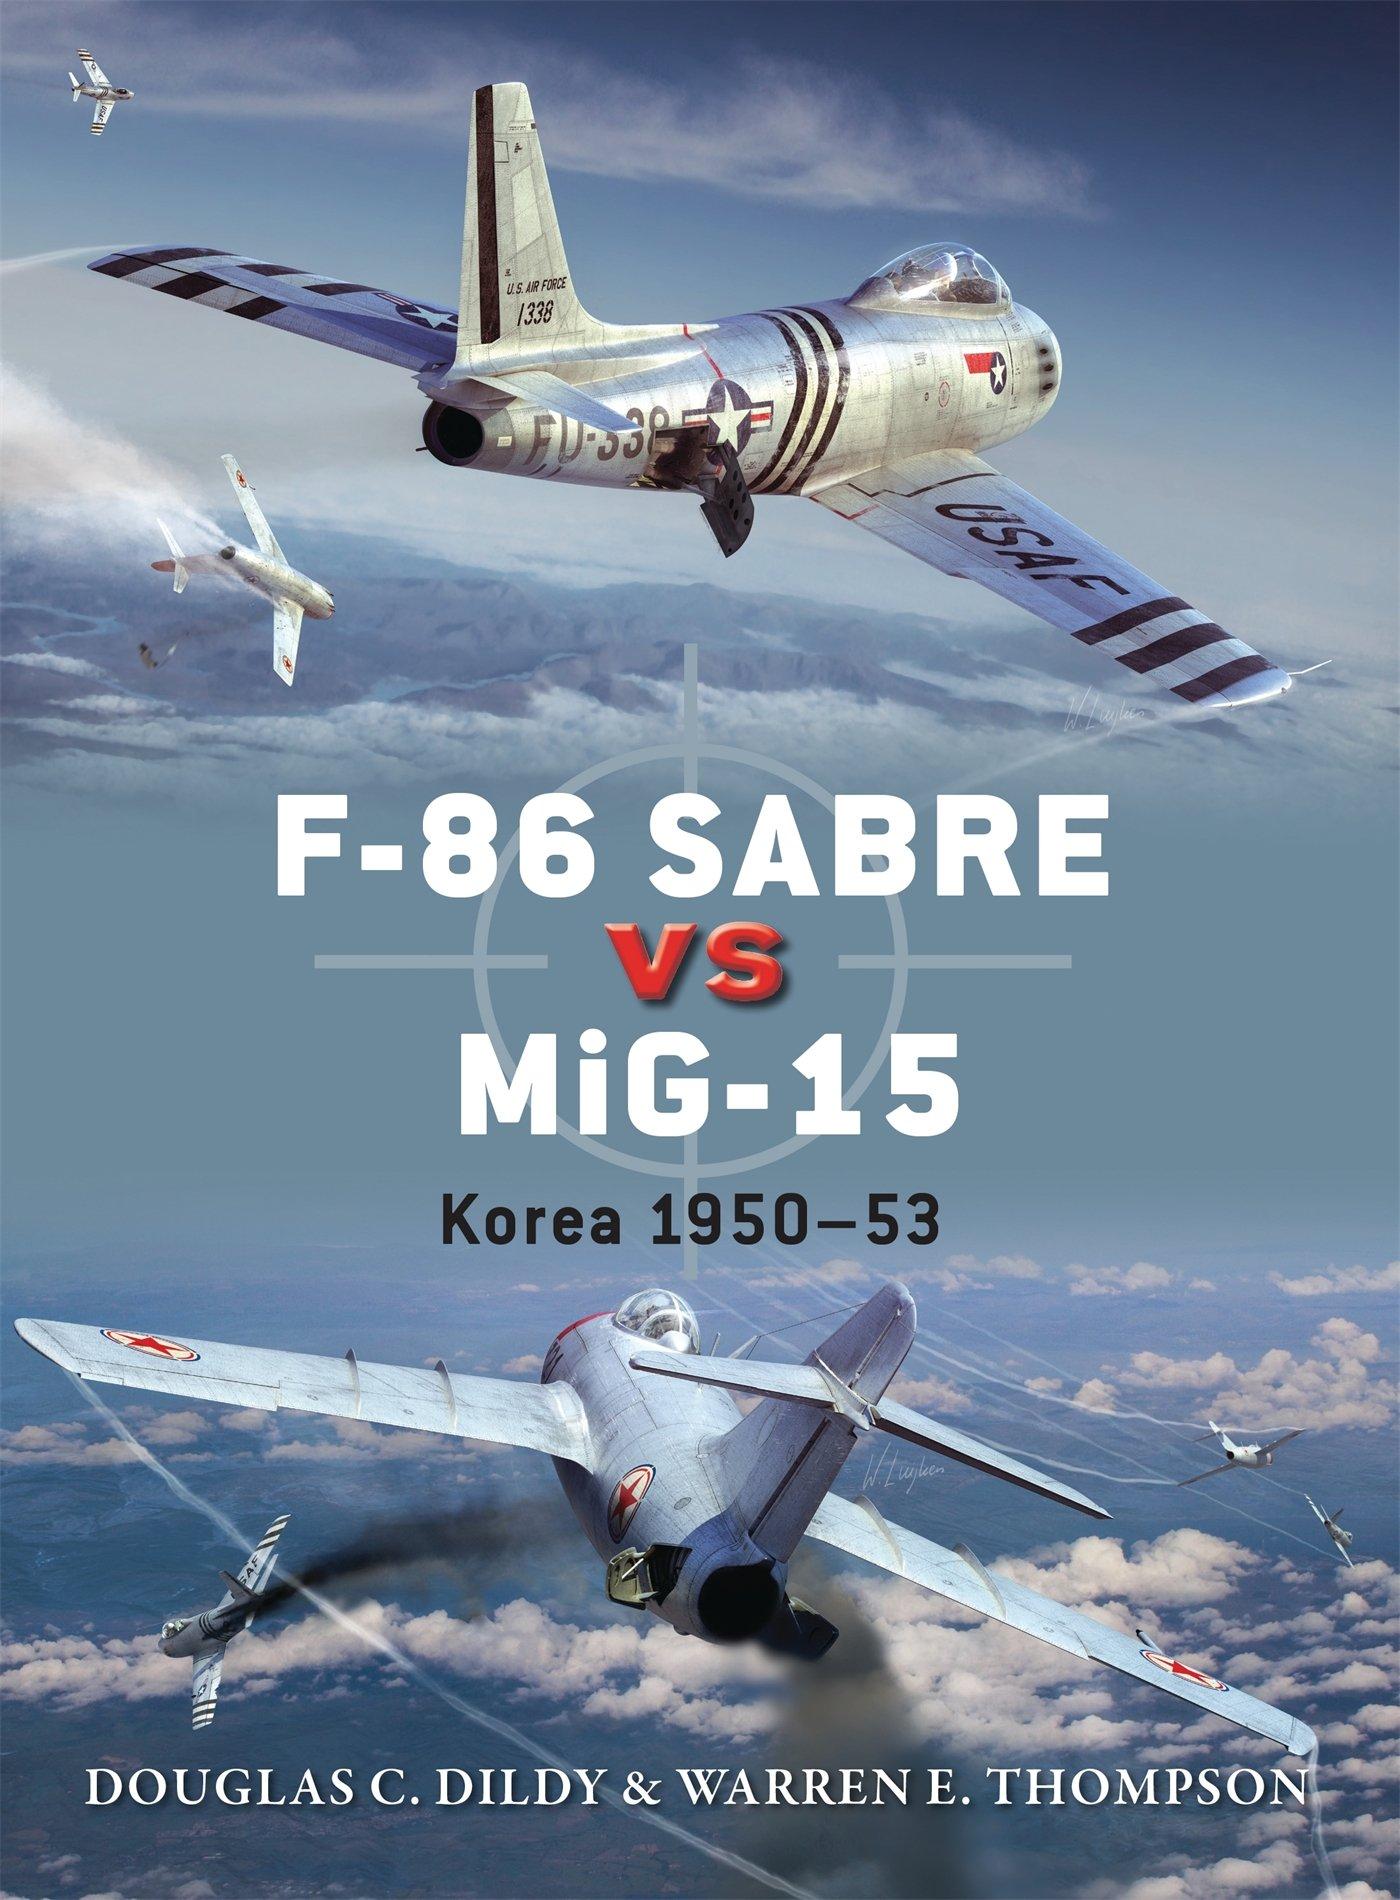 Capa do livro F-86 Saber vs MiG-15: Korea 1950-53 da Osprey Publishing.